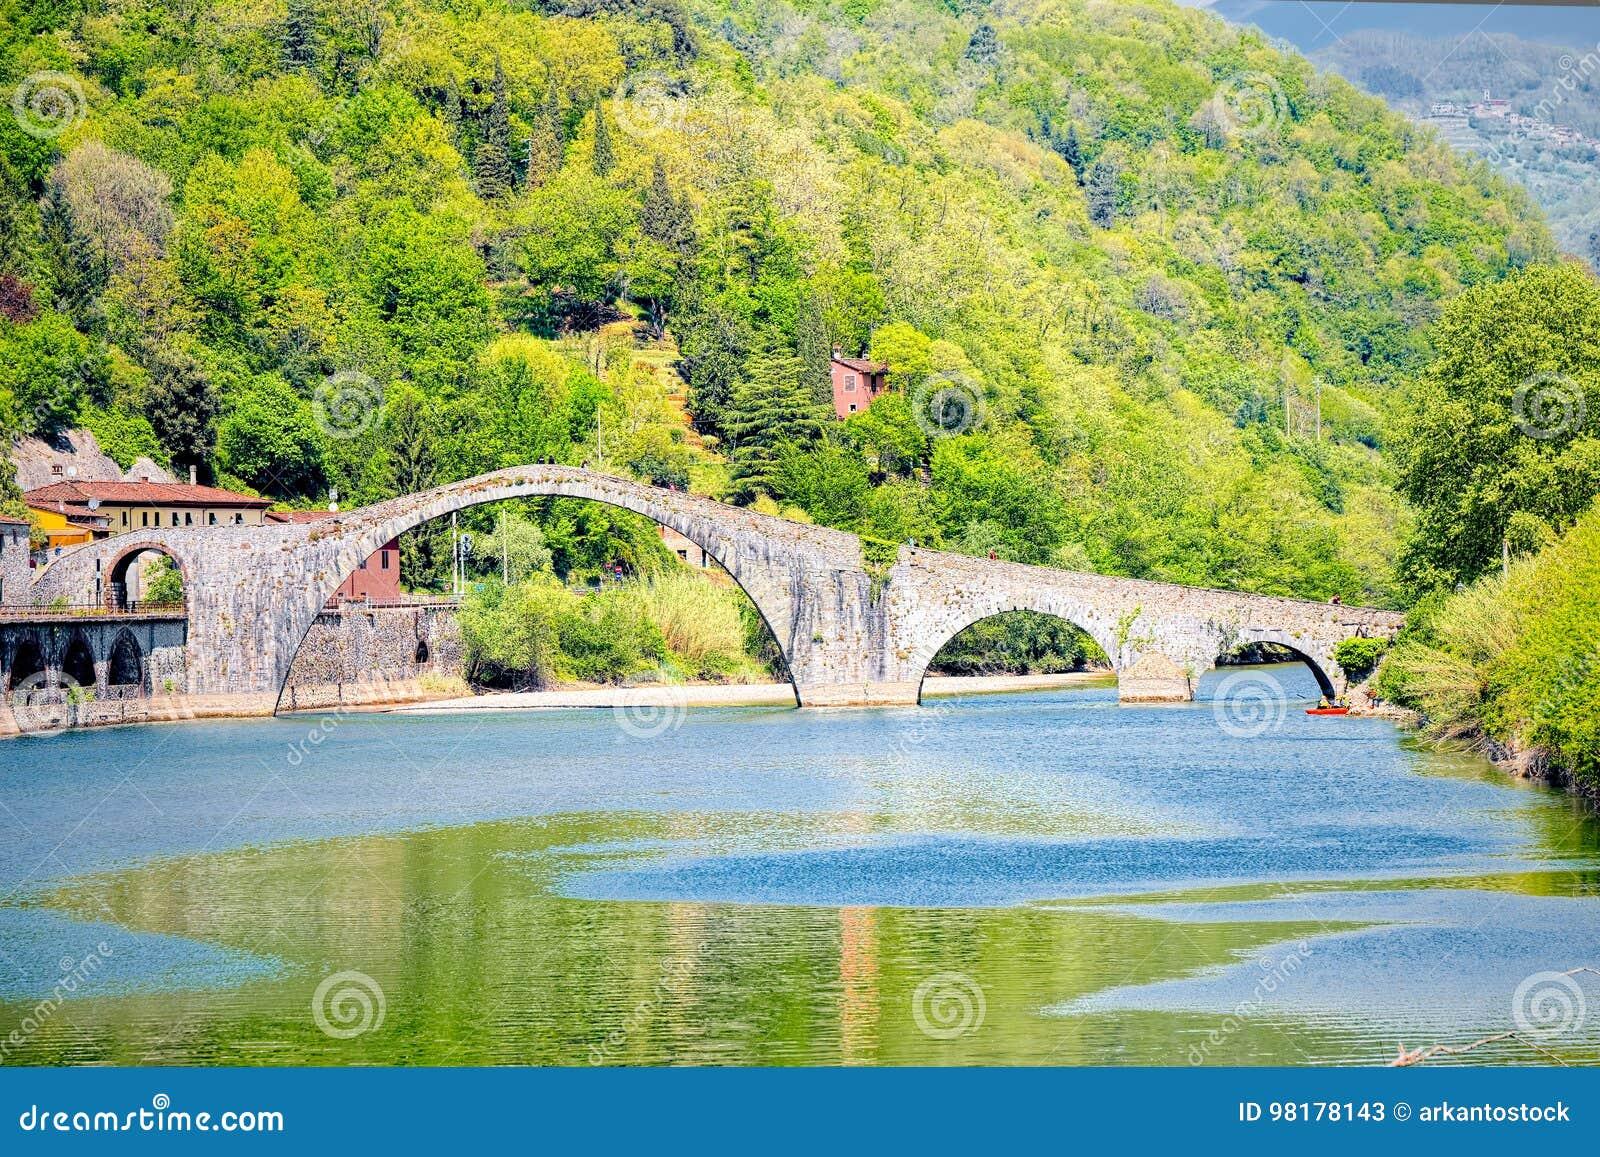 Bro av jäkeln, Ponte della Maddalena, Garfagnana, Lucca